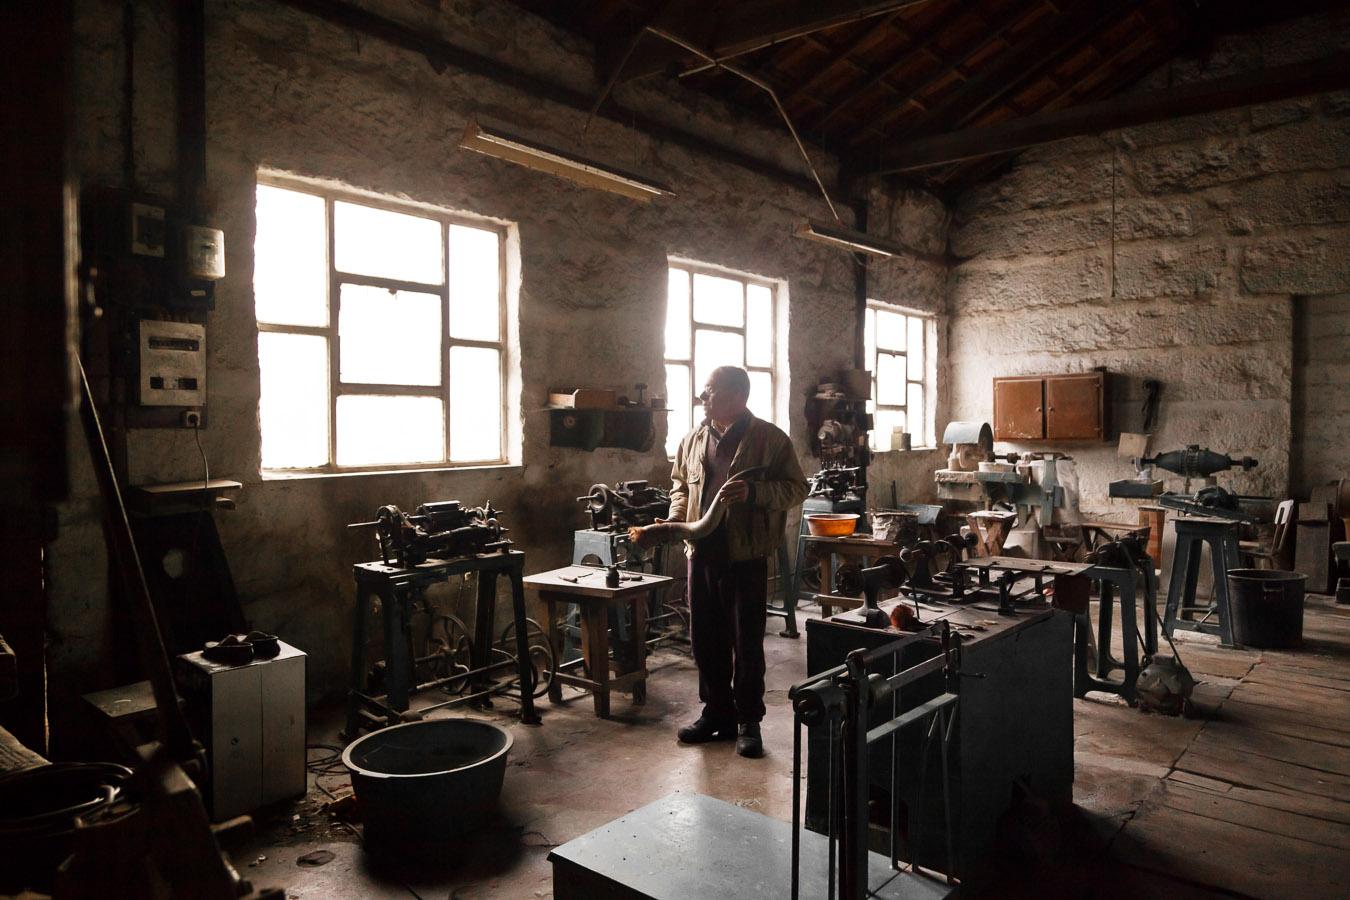 Editoría – design, artesanto e indústria